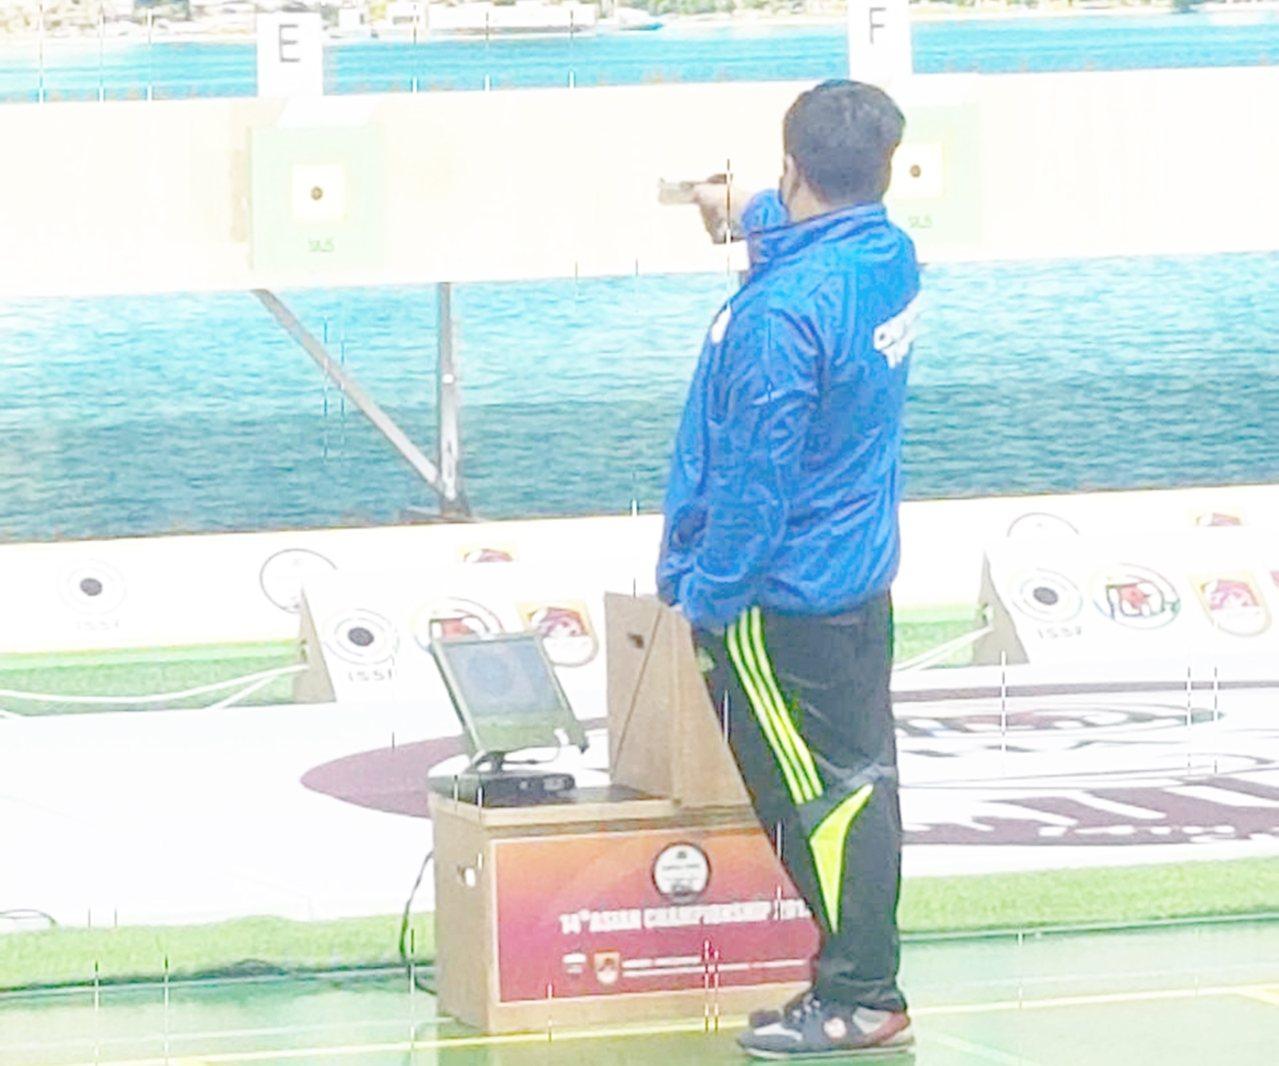 金利偉華日前在卡達多哈舉辦的2019年亞洲射擊錦標賽專注射擊。圖/教練李峰南提供